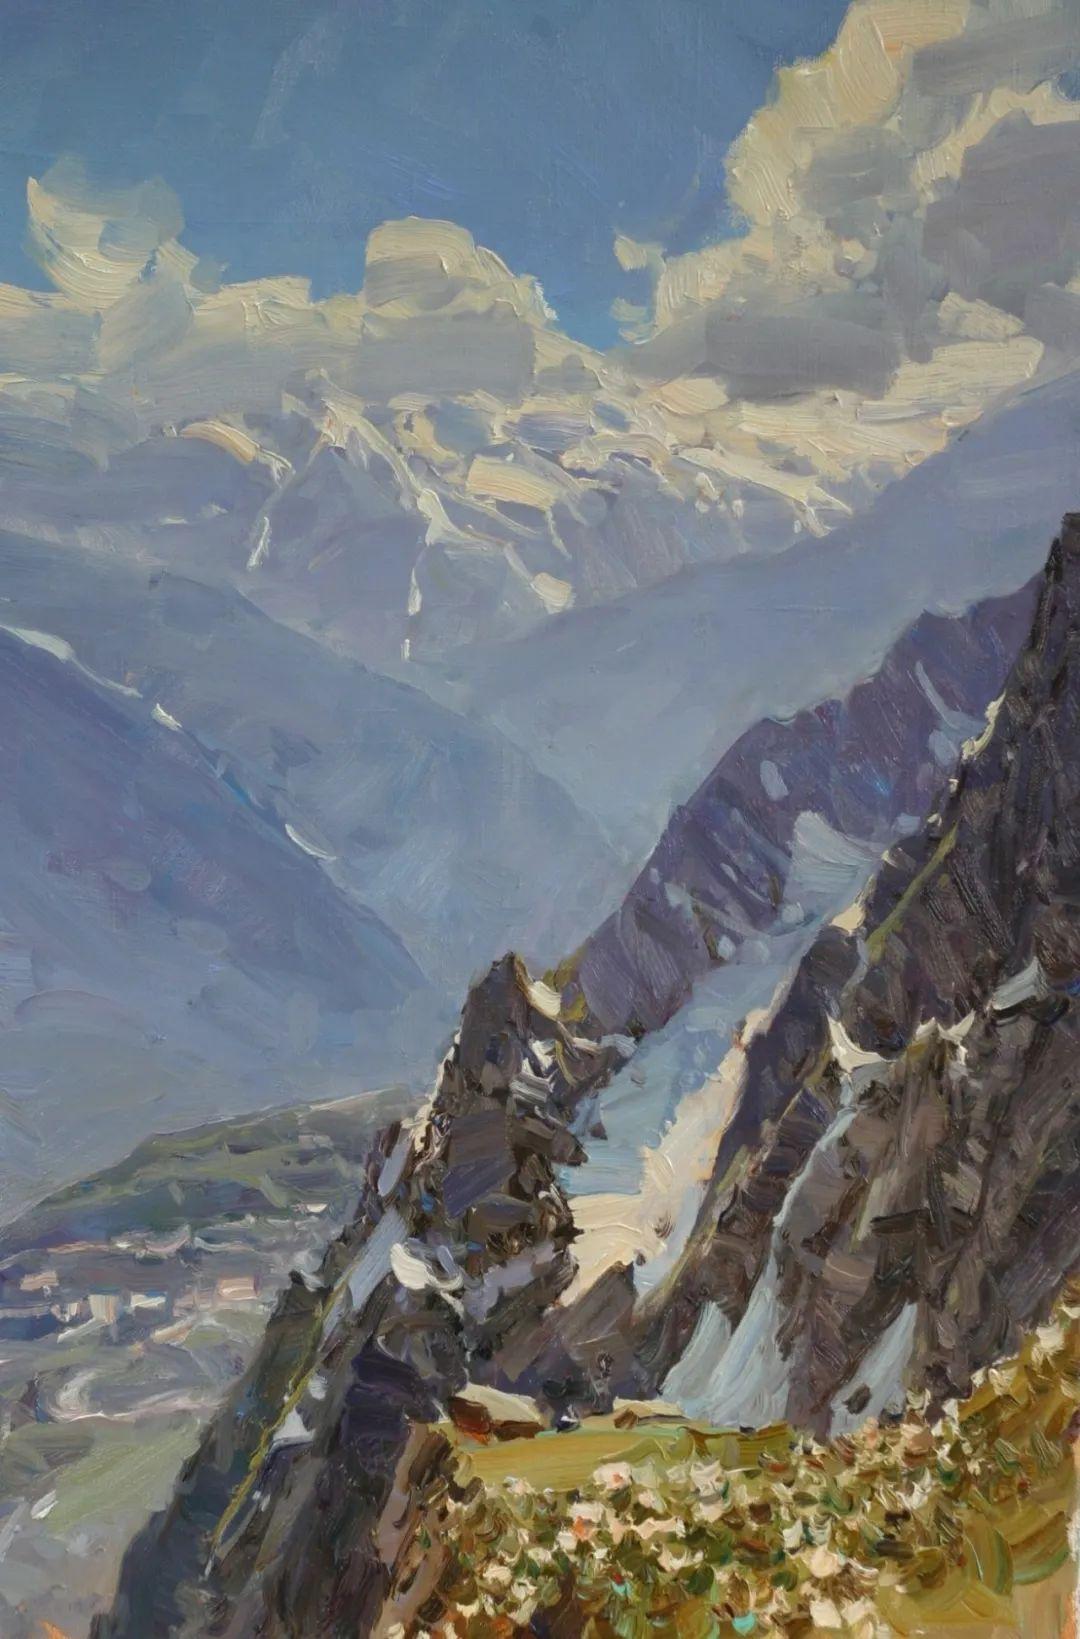 永恒的自然美,俄罗斯画家亚历山大·巴比奇插图65